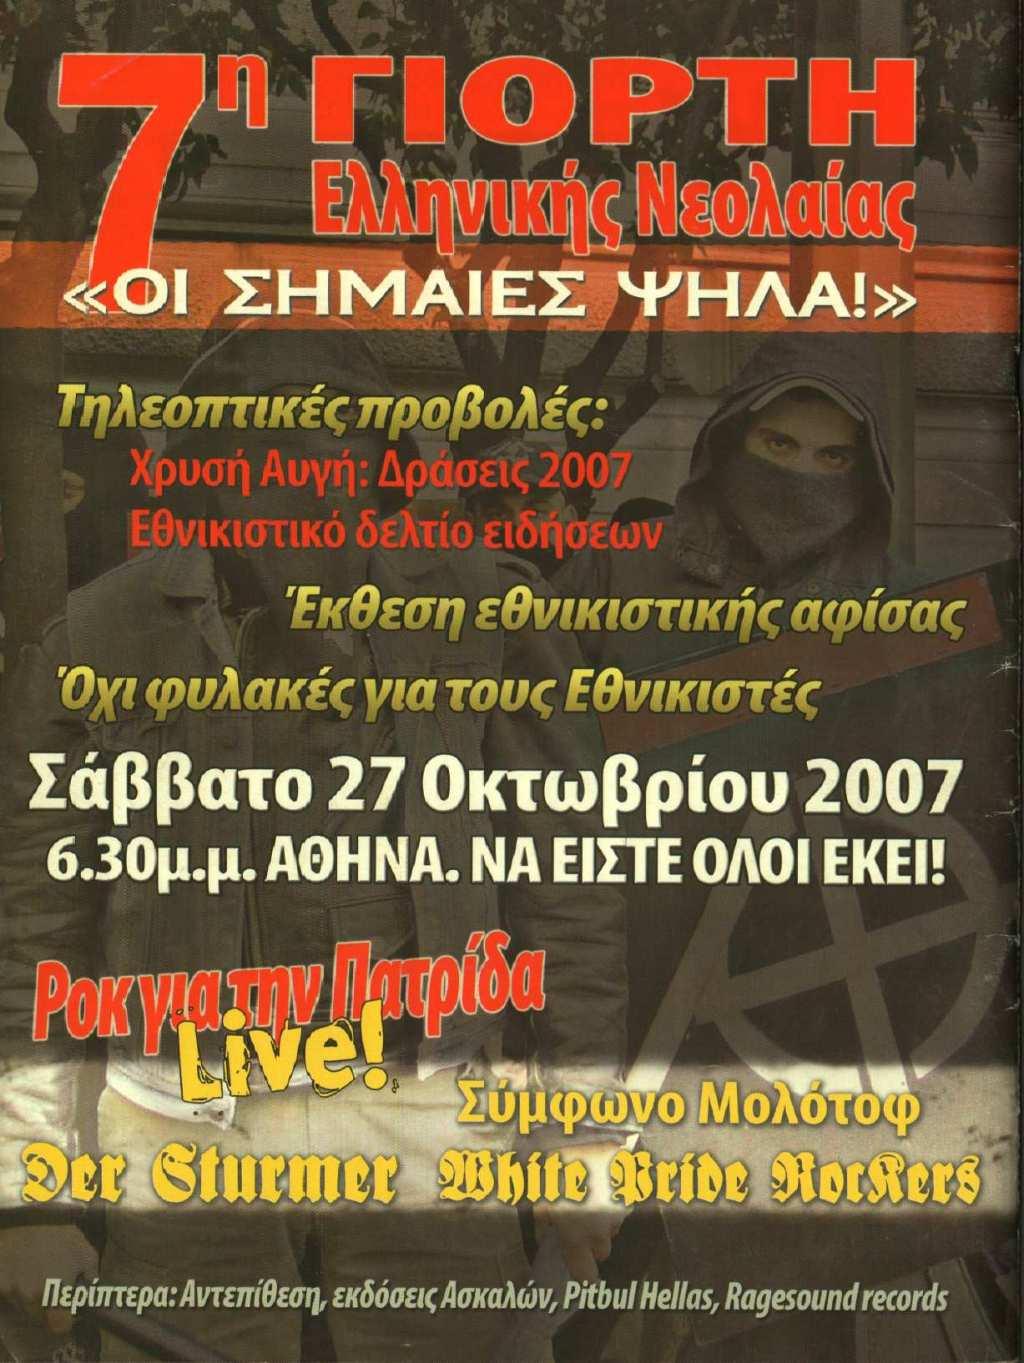 2007-10-27 - Αφίσα 7η Γιορτή Νεολαίας Χρυσή Αυγή Ψηλά τις σημαίες - ΑΝΤΕΠΙΘΕΣΗ, Α.Τ. 30, 09_10-2007, σελ. 40